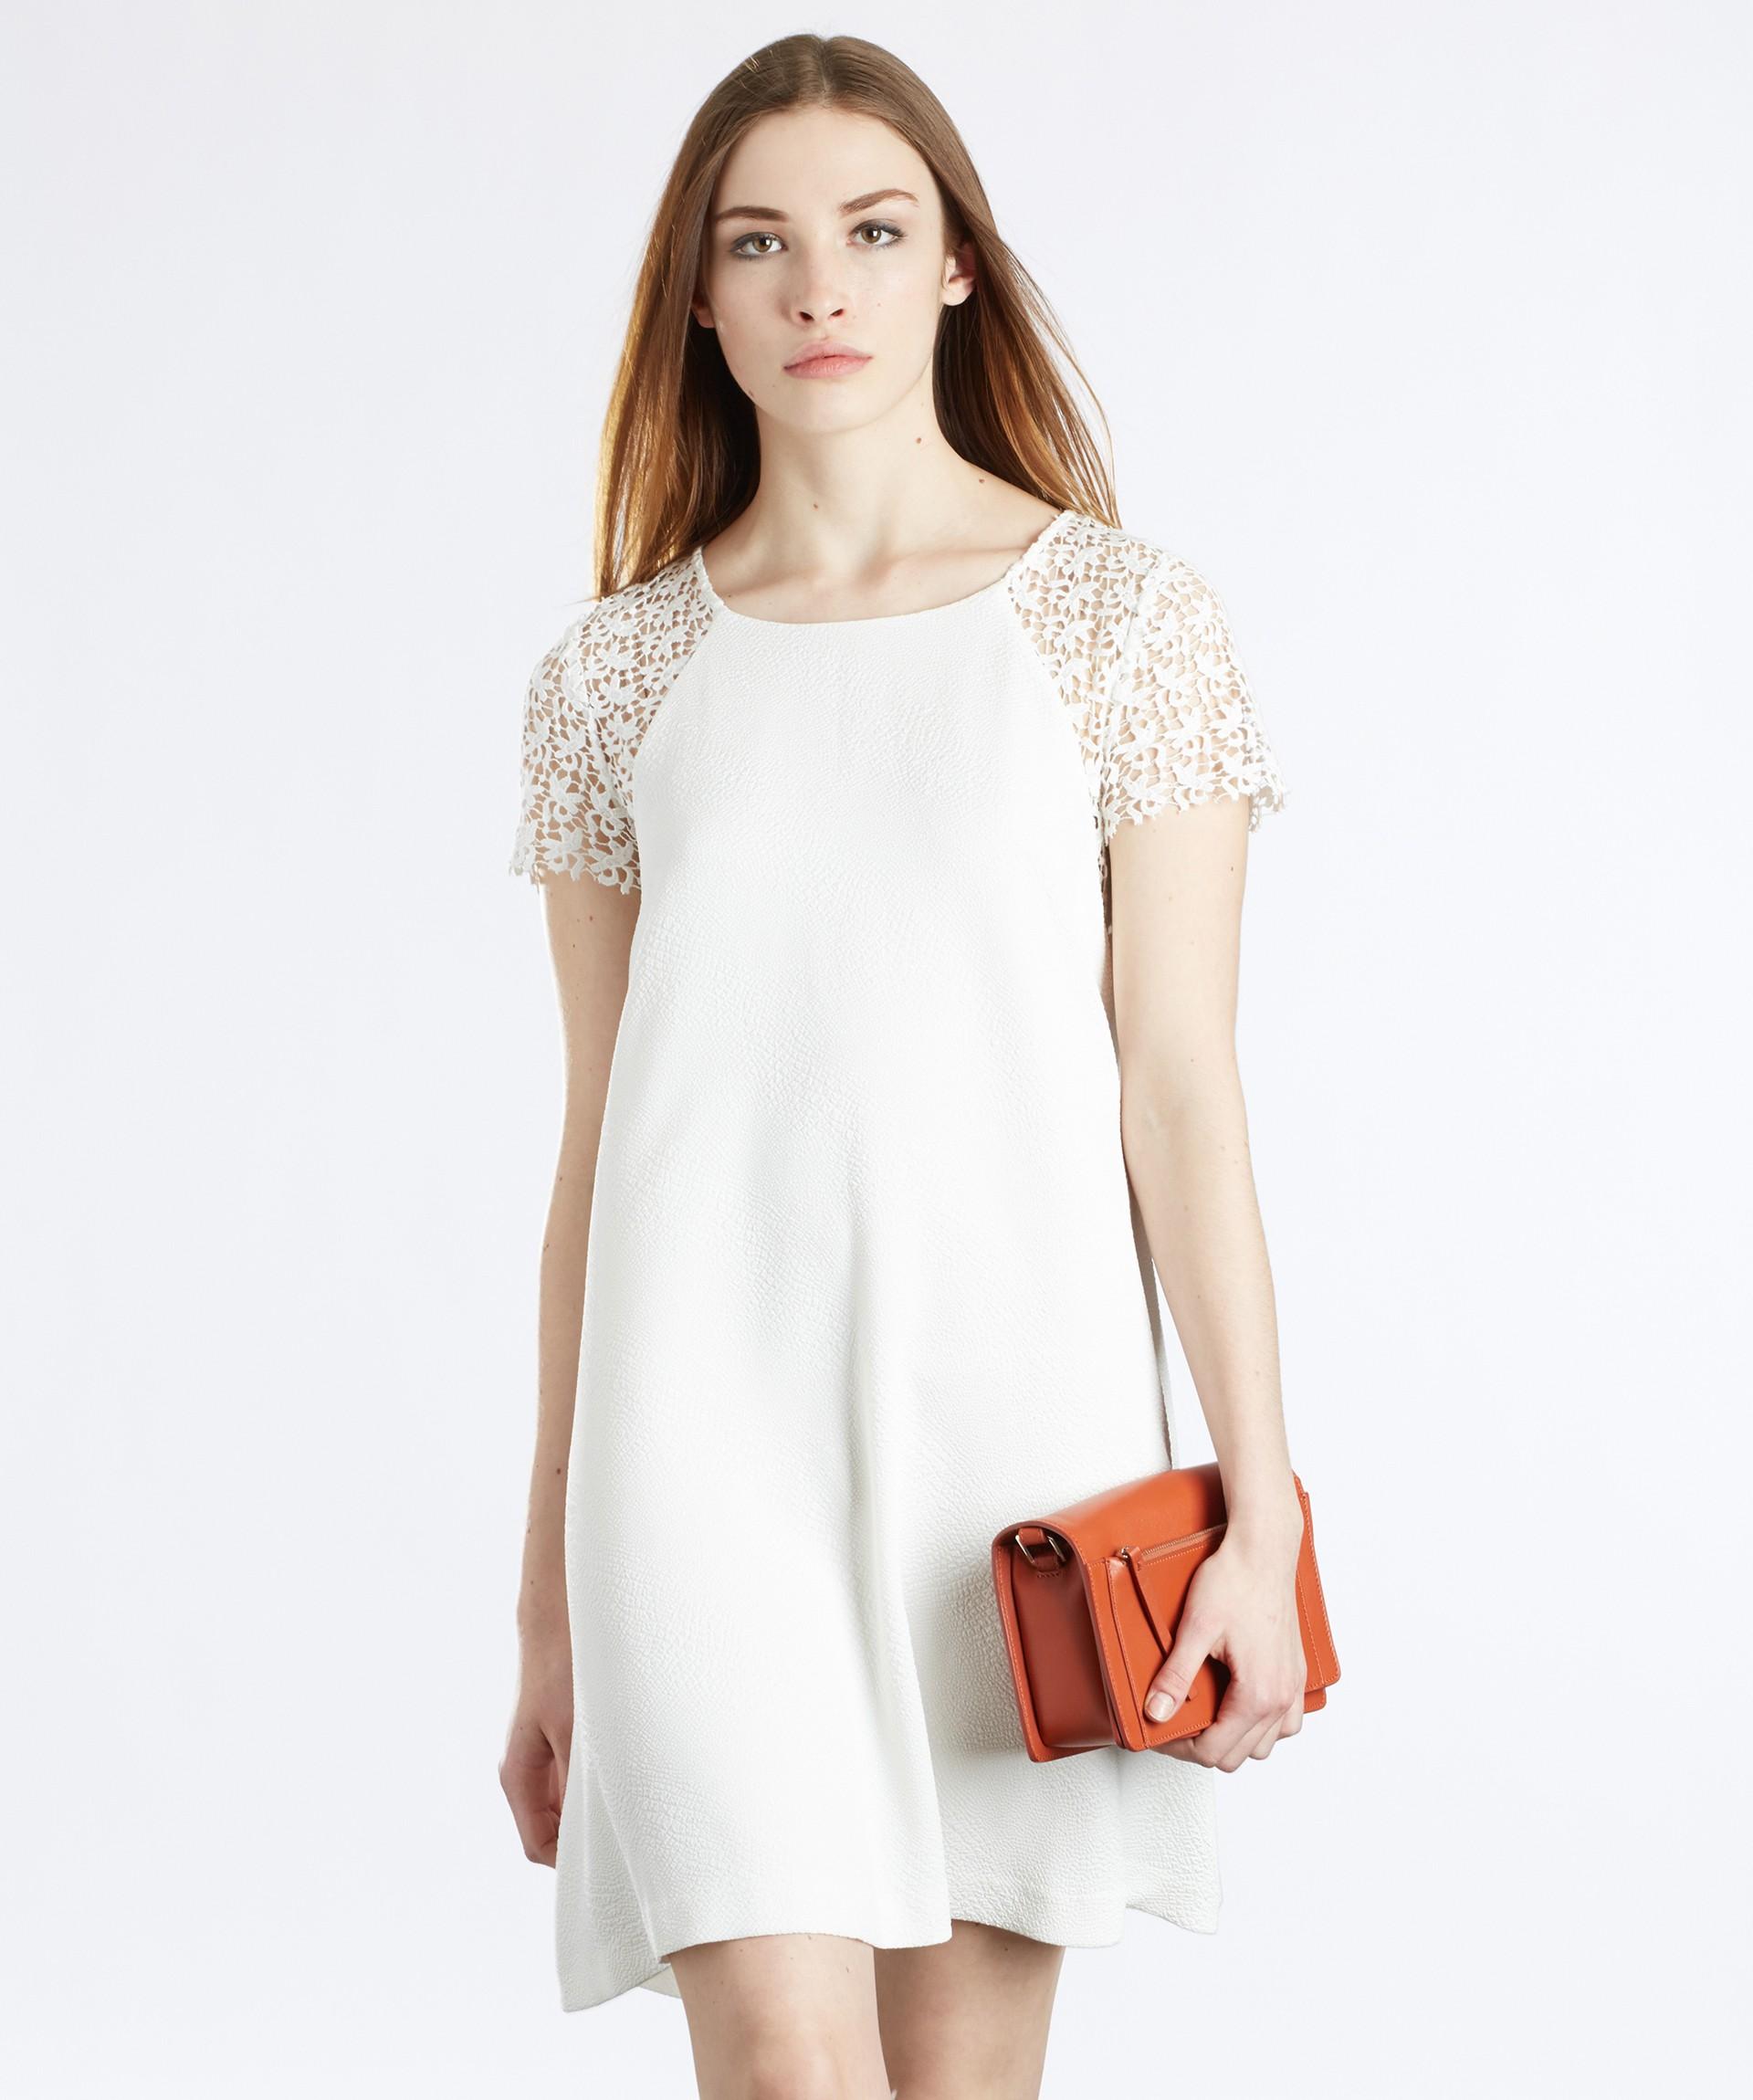 robe dentelle blanche sandro la mode des robes de france. Black Bedroom Furniture Sets. Home Design Ideas